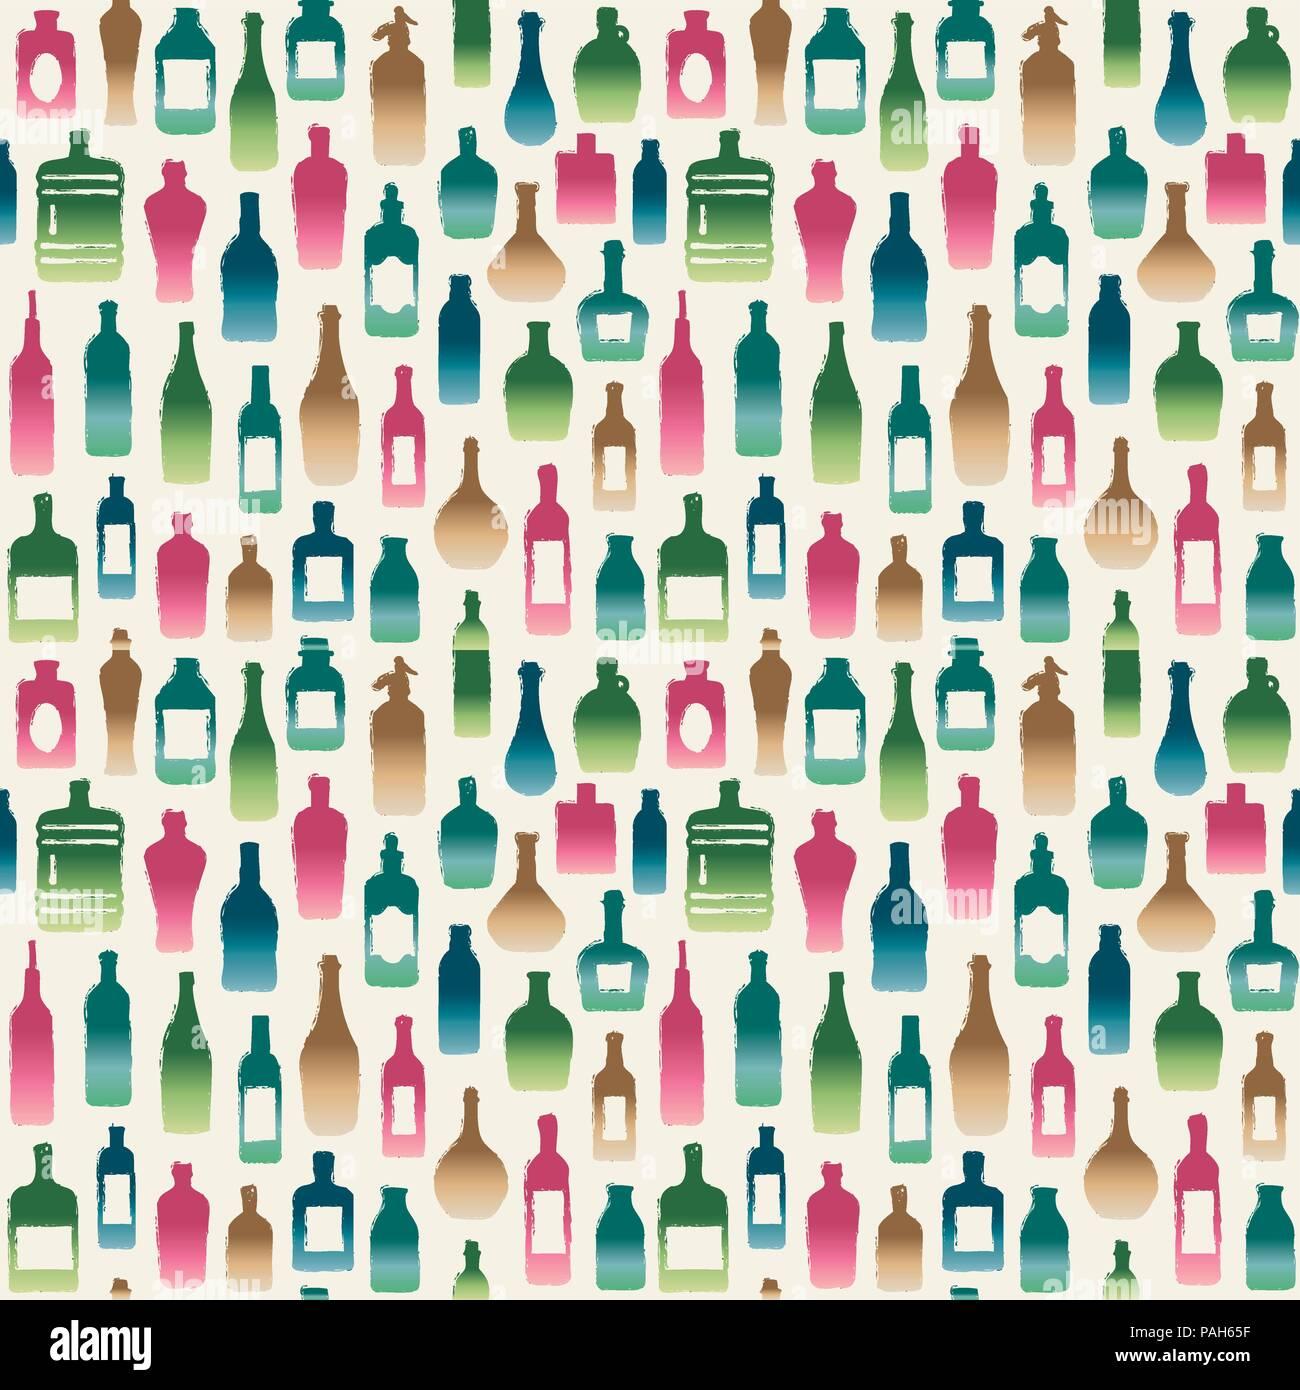 En forme de diverses bouteilles vecteur de fond transparent. Illustration de Vecteur